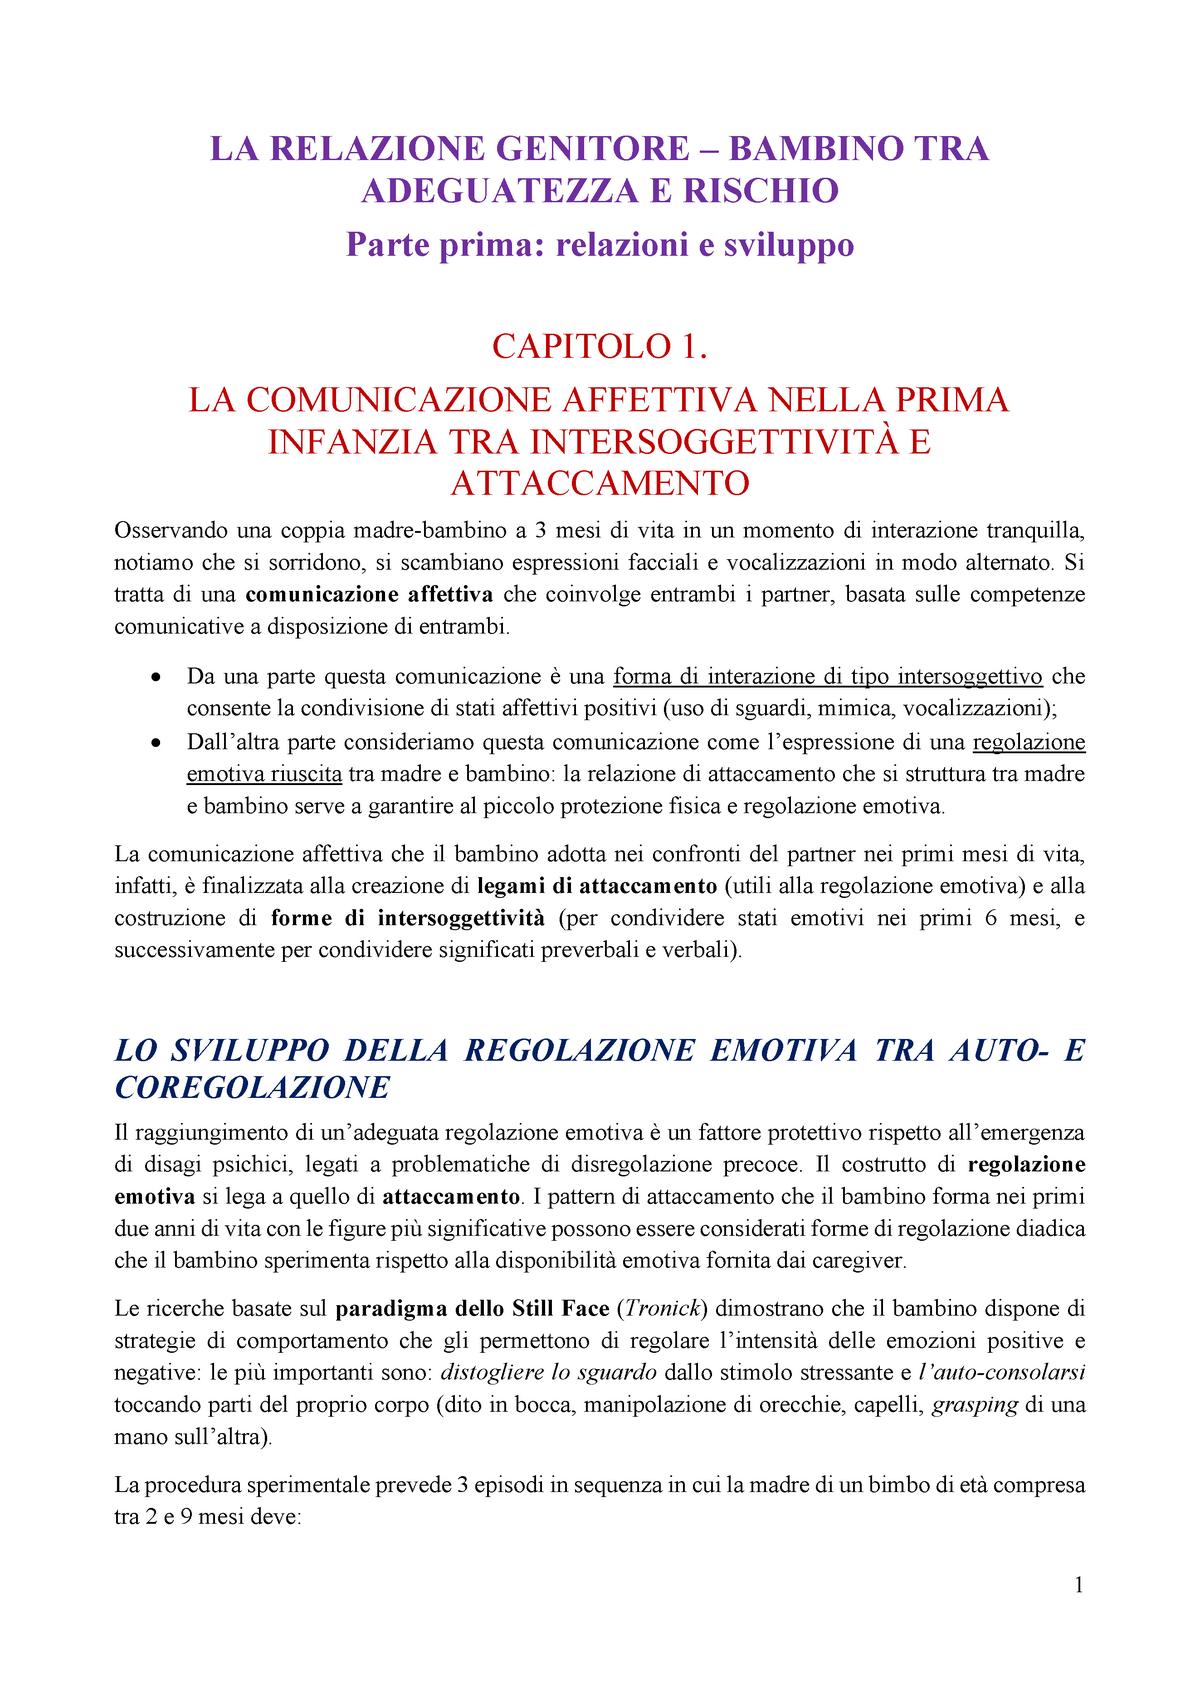 2af9faefe8 Riva Crugnola - La relazione genitore-bambino - F5101P026 - StuDocu